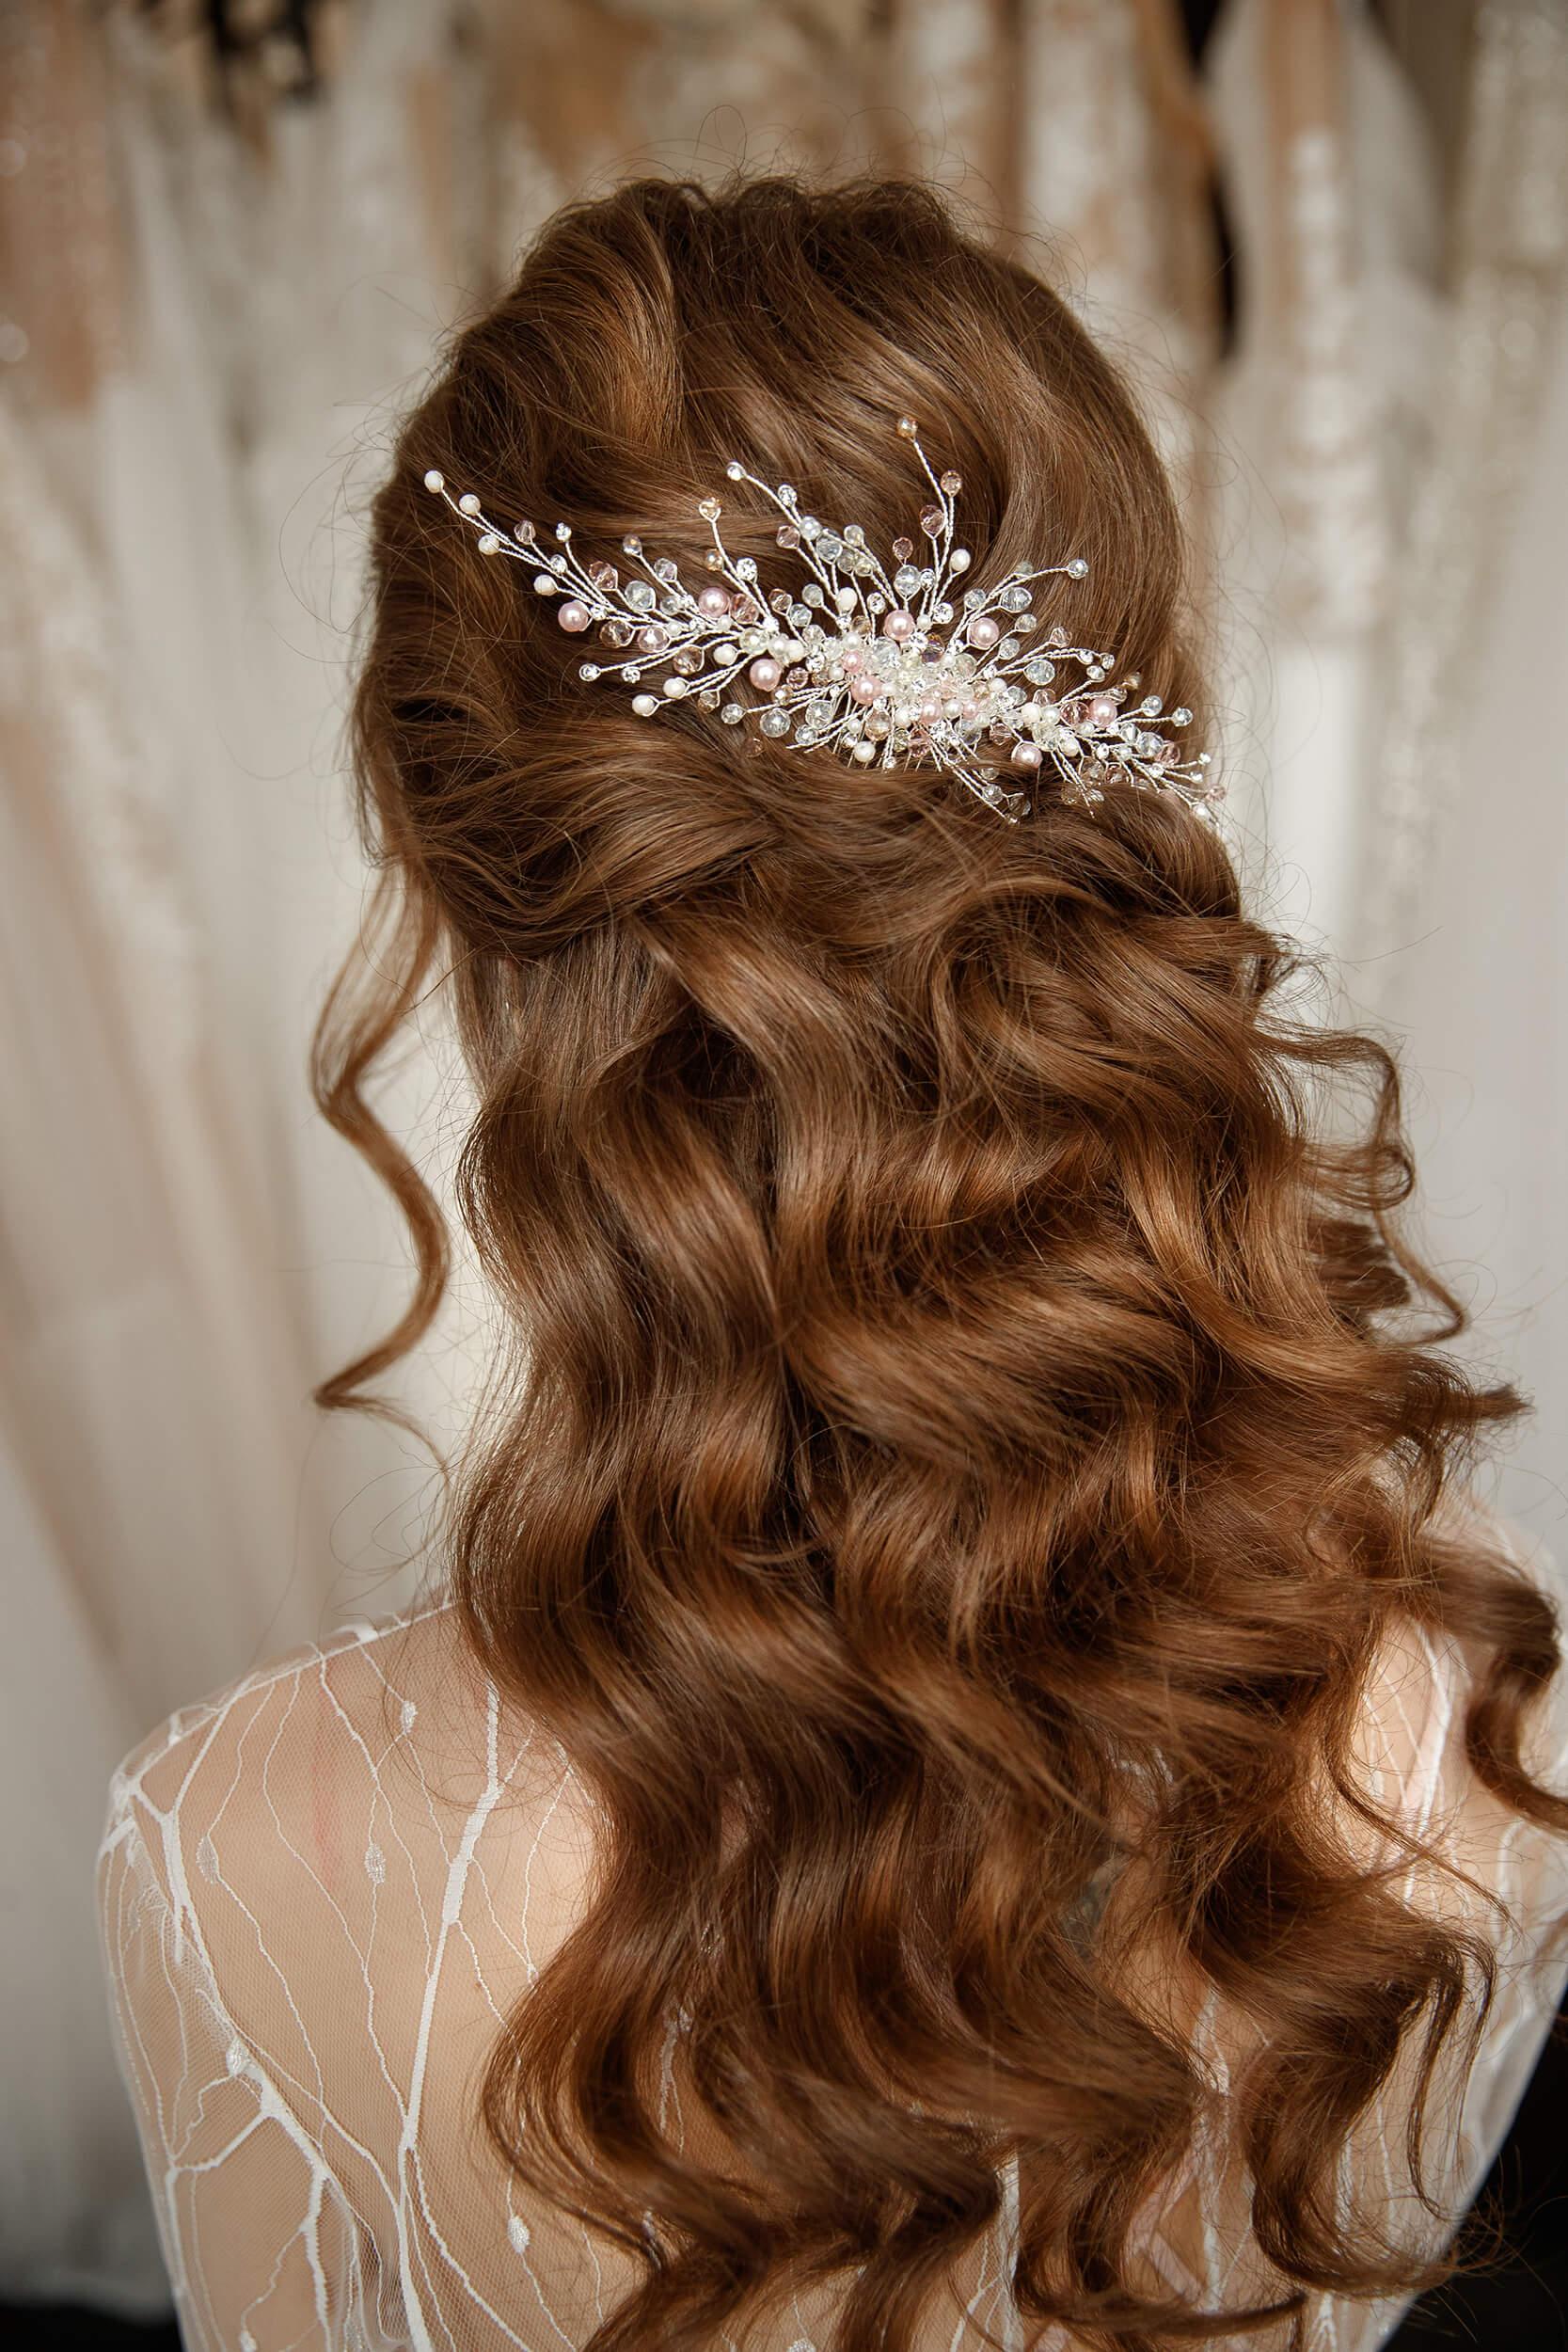 украшения для прически невесты(3)   Vero